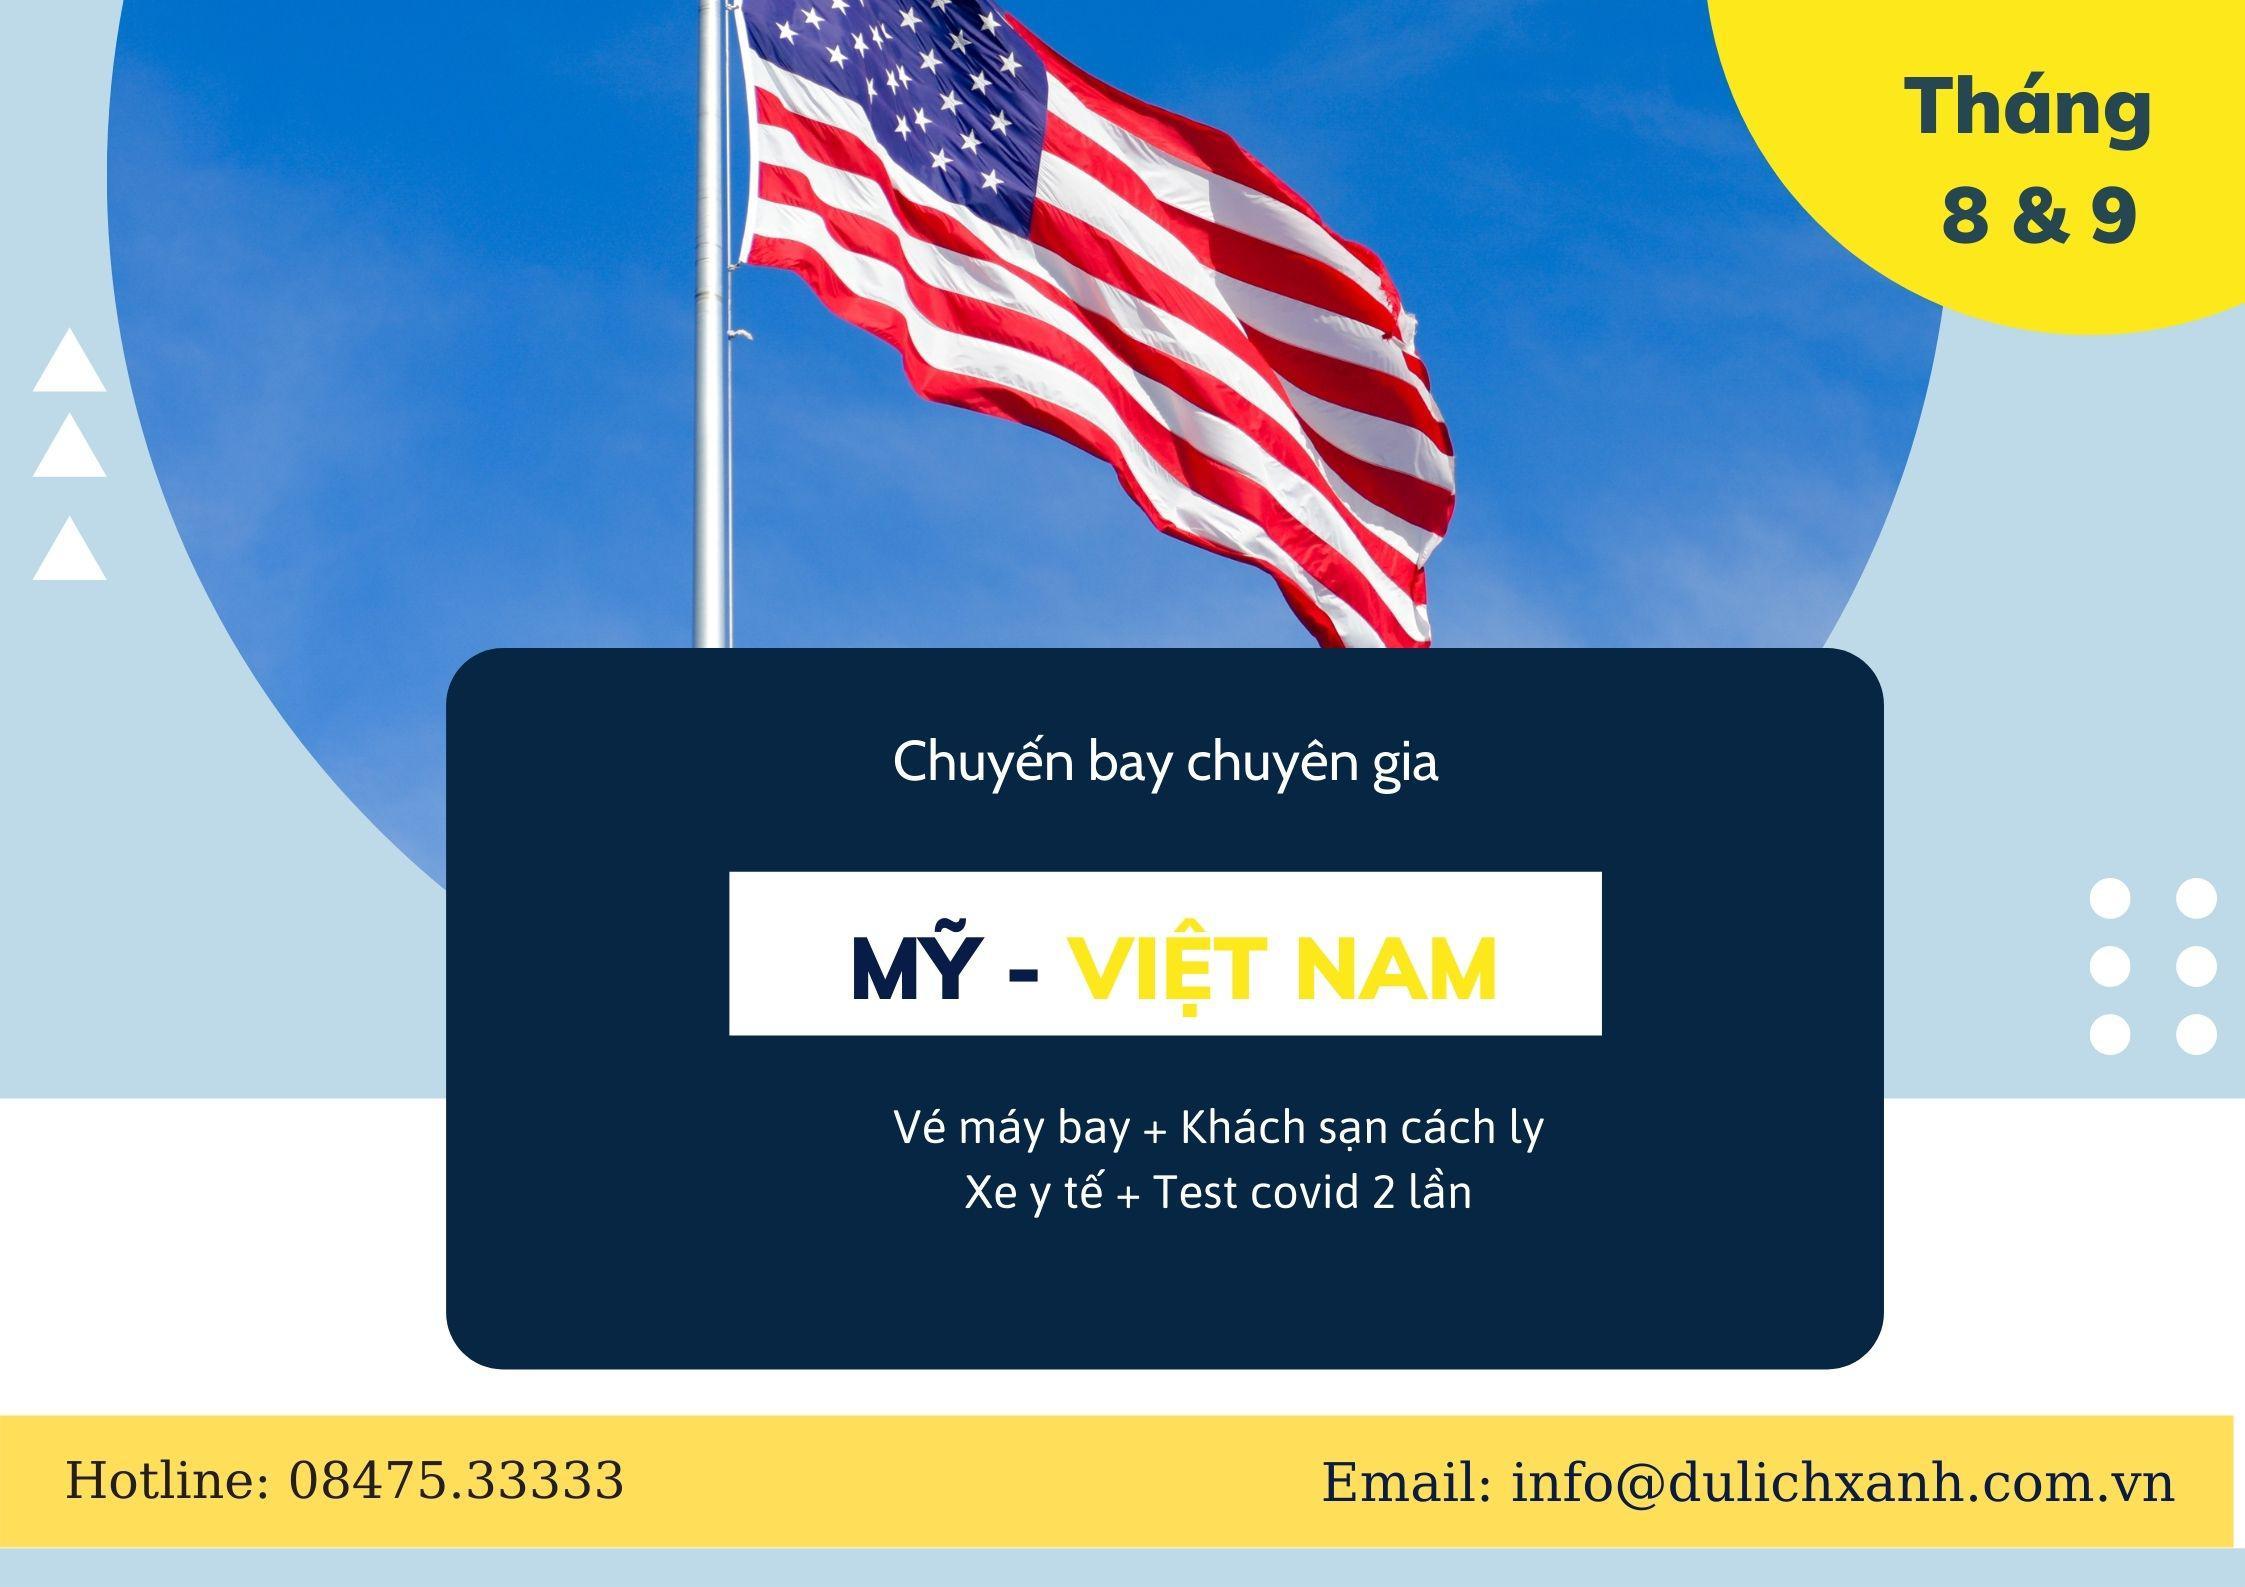 Chuyến bay chuyên gia từ Mỹ về Việt Nam tháng 8 & 9